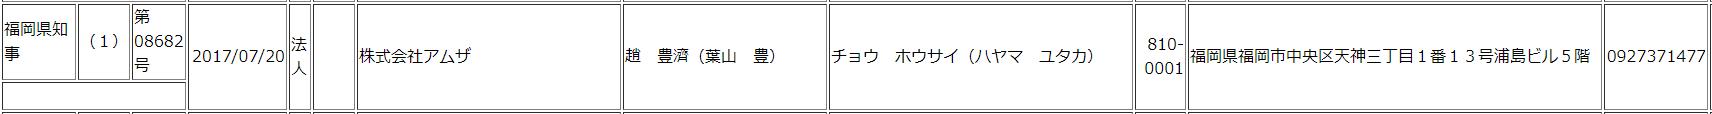 アムザ福岡